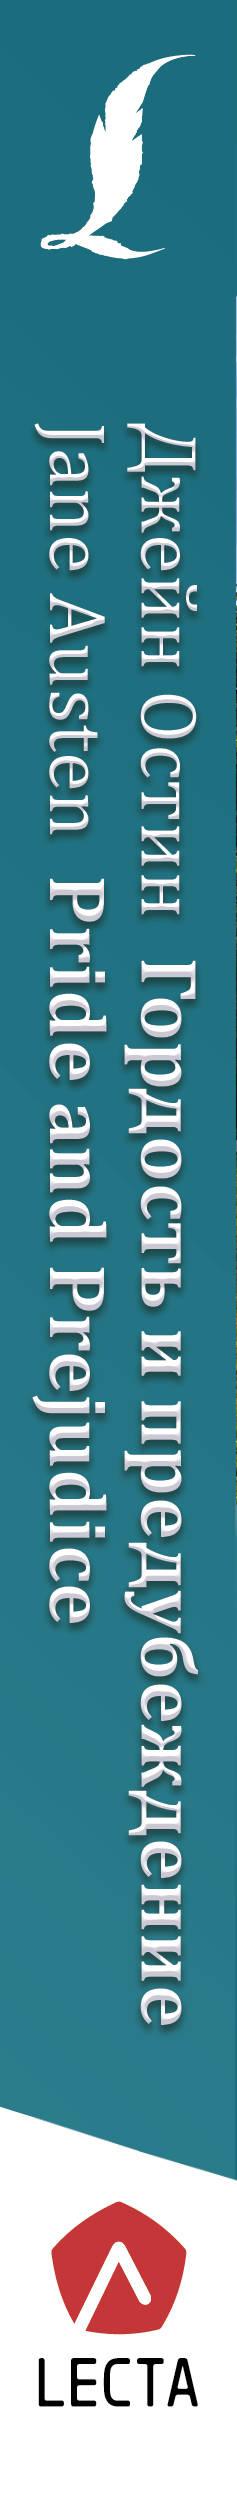 Джейн Остин. Гордость и предубеждение / Pride and Prejudice